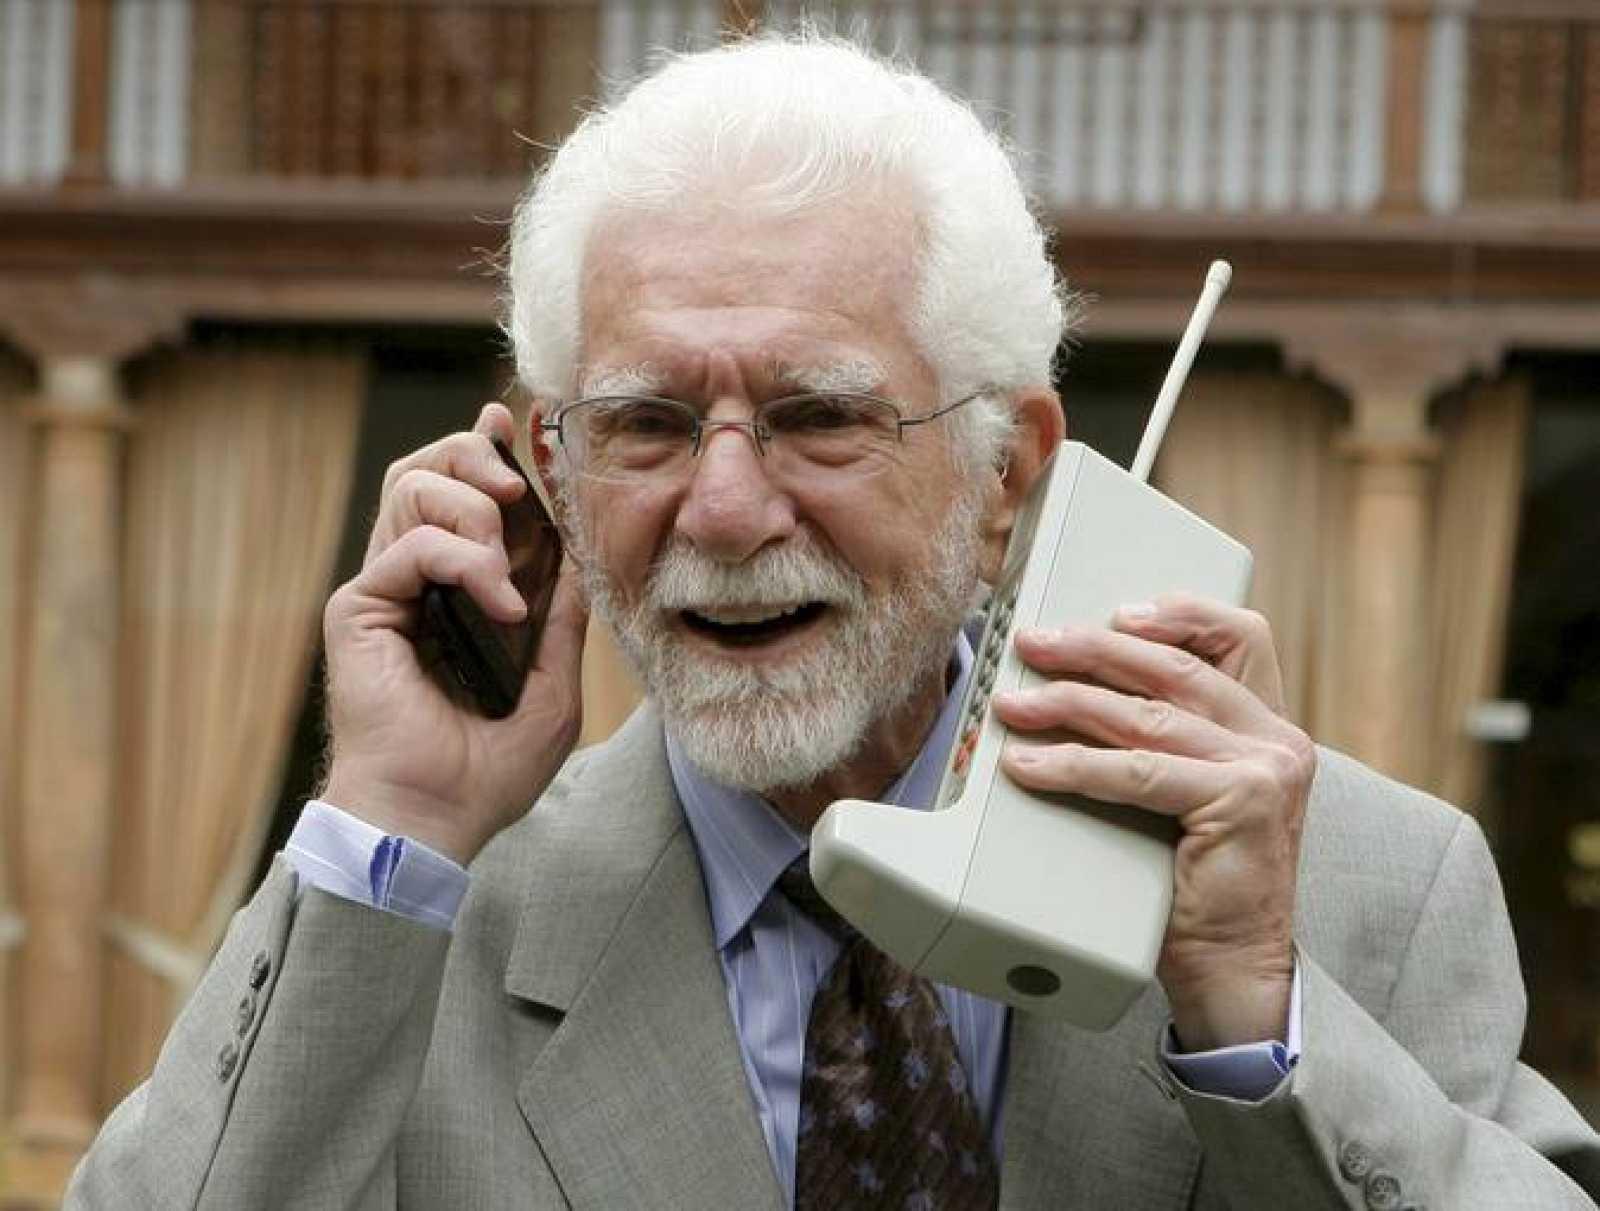 El ingeniero norteamericano Martin Cooper posa con dos modelos de teléfono móvil en Oviedo donde recogerá el premio Príncipe de Asturias.